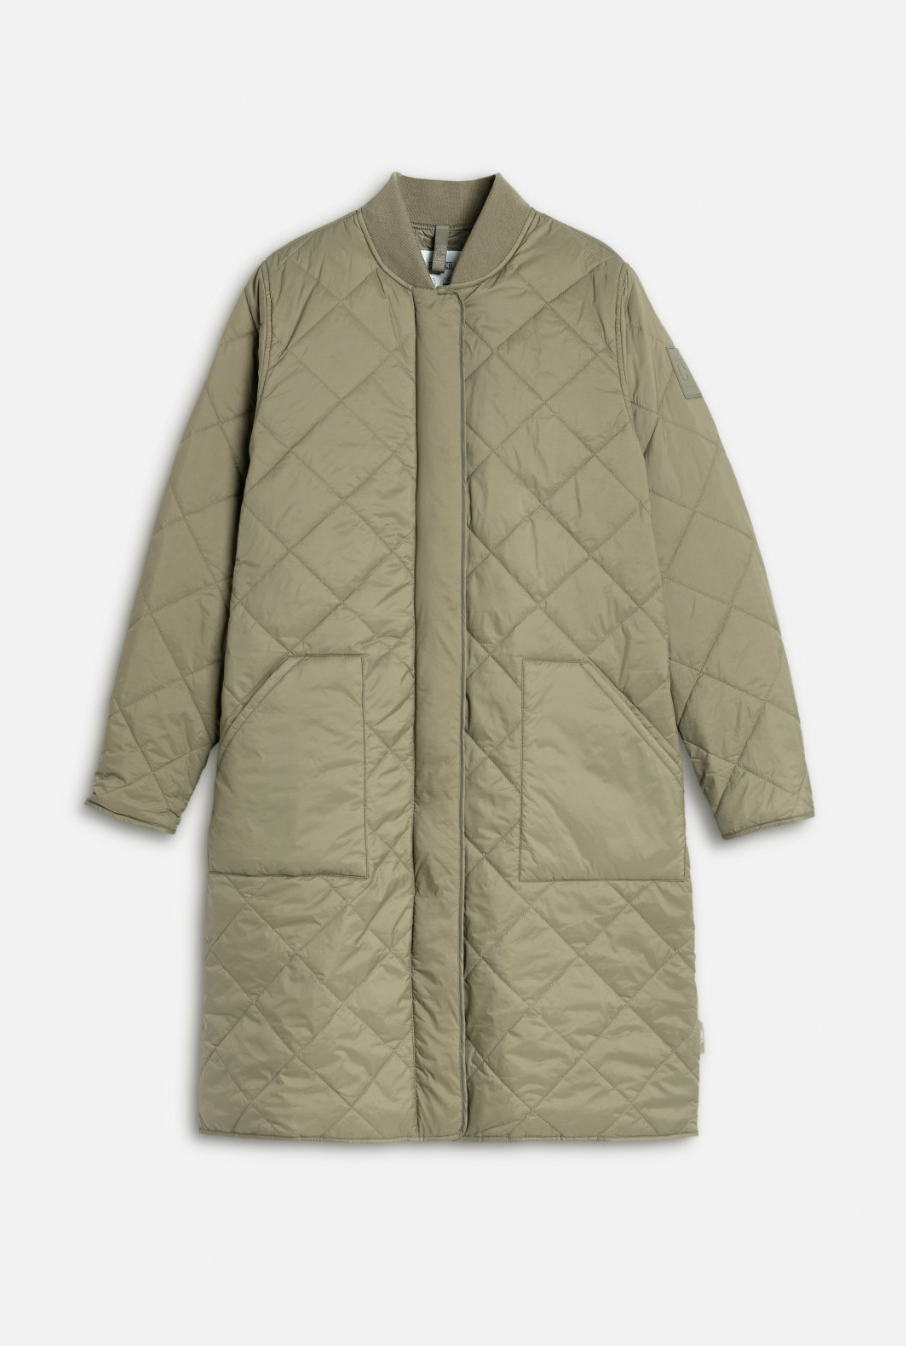 Jacket Posy-1